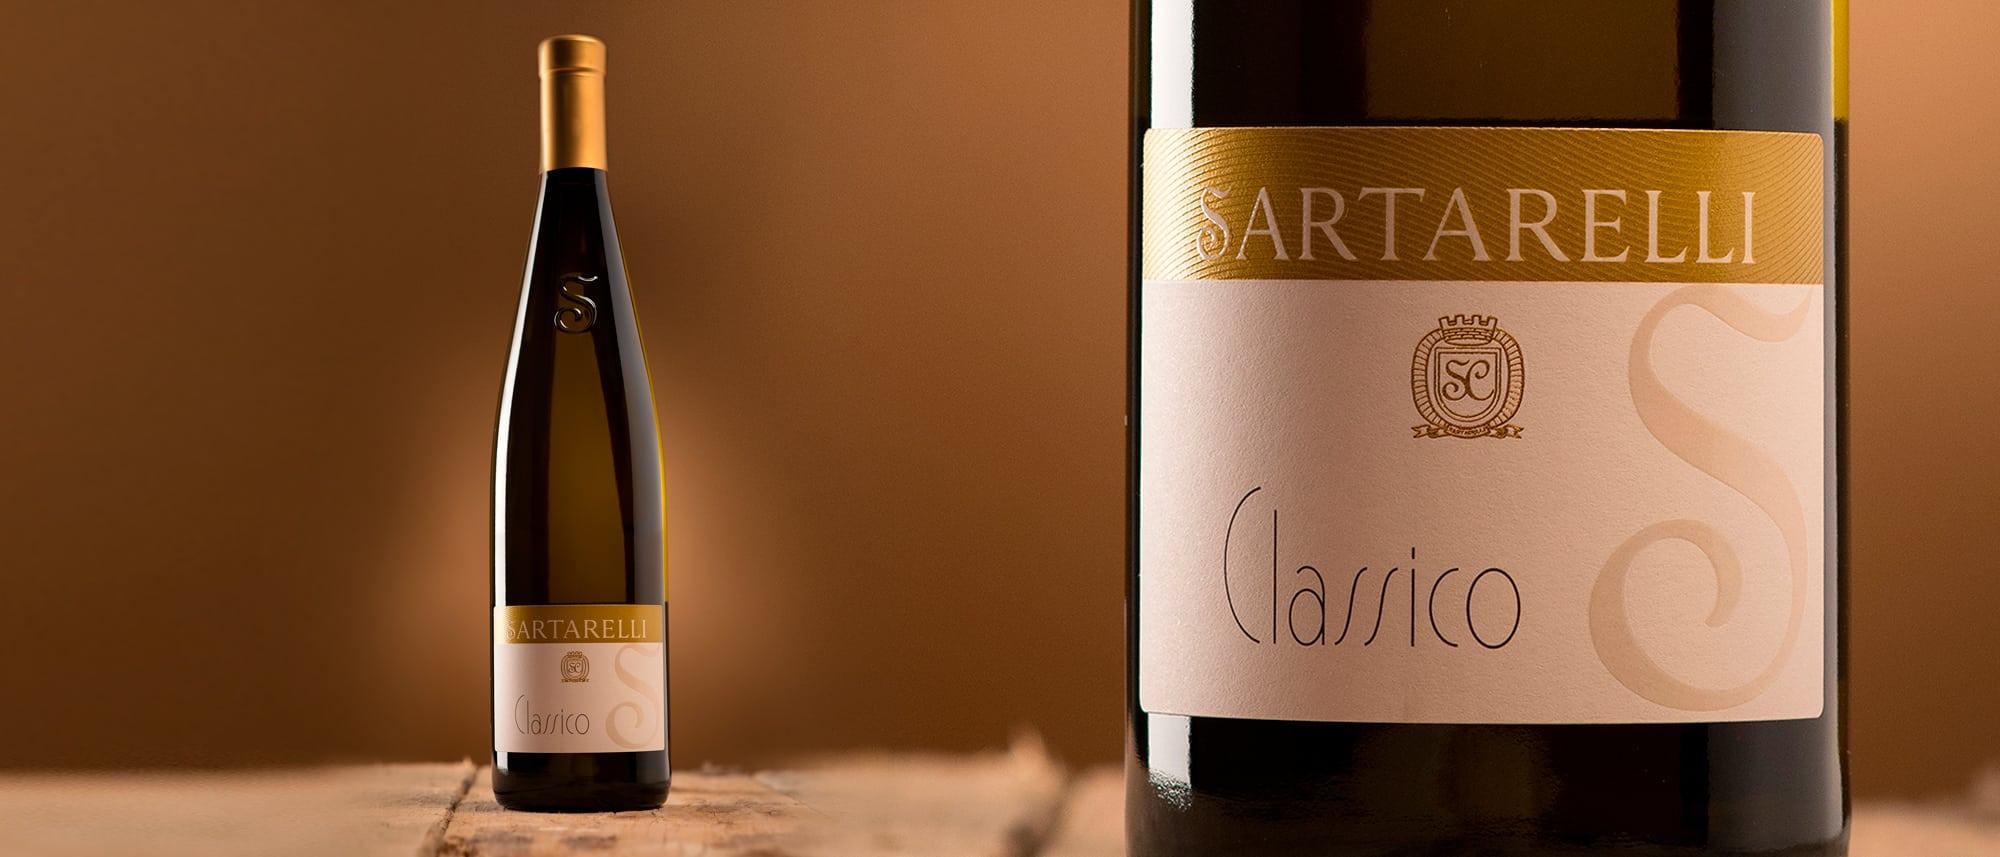 Vino Sartarelli Classico